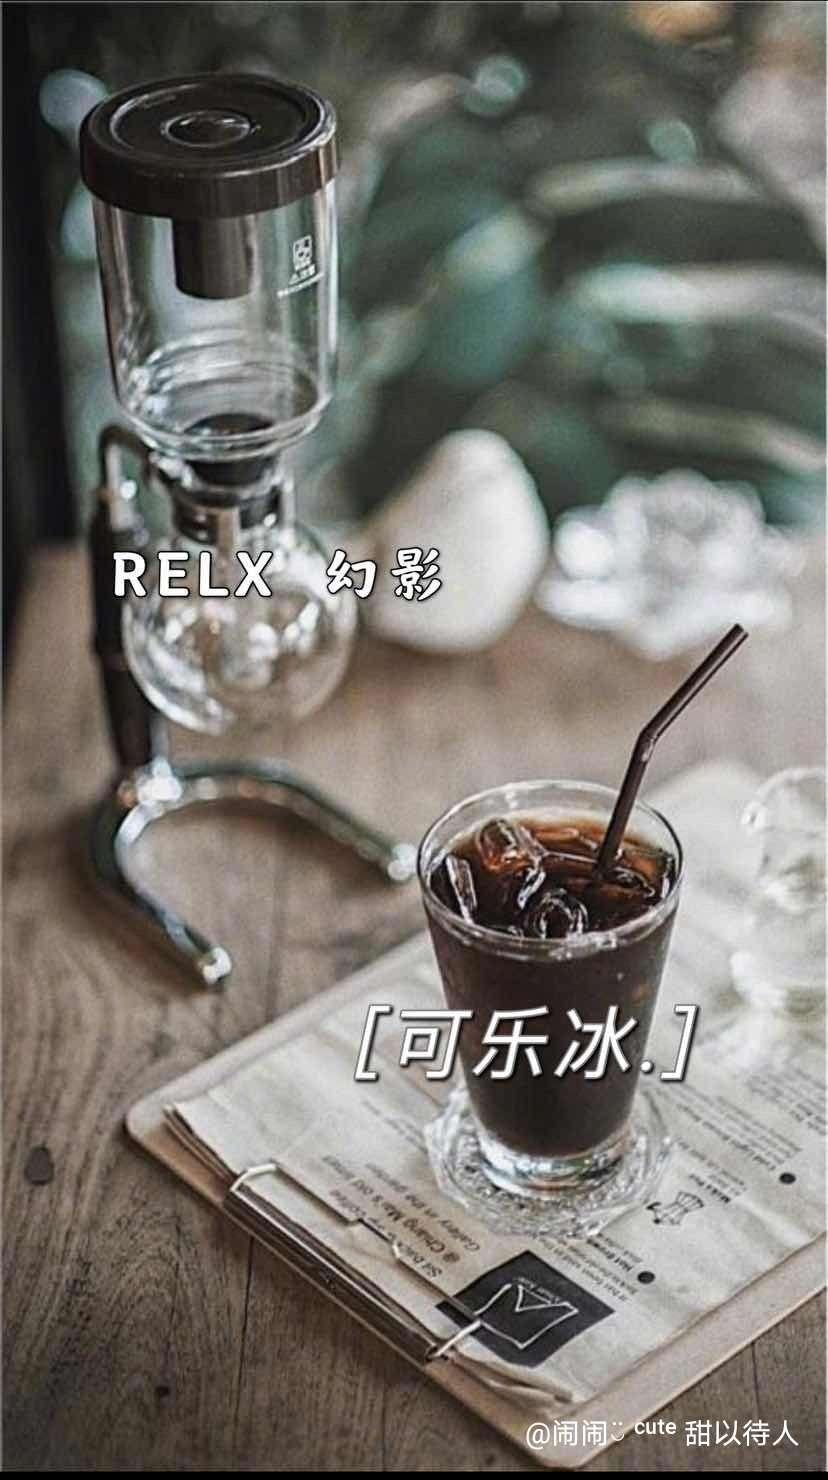 relx悦刻五代幻影夏日冰饮-可乐冰